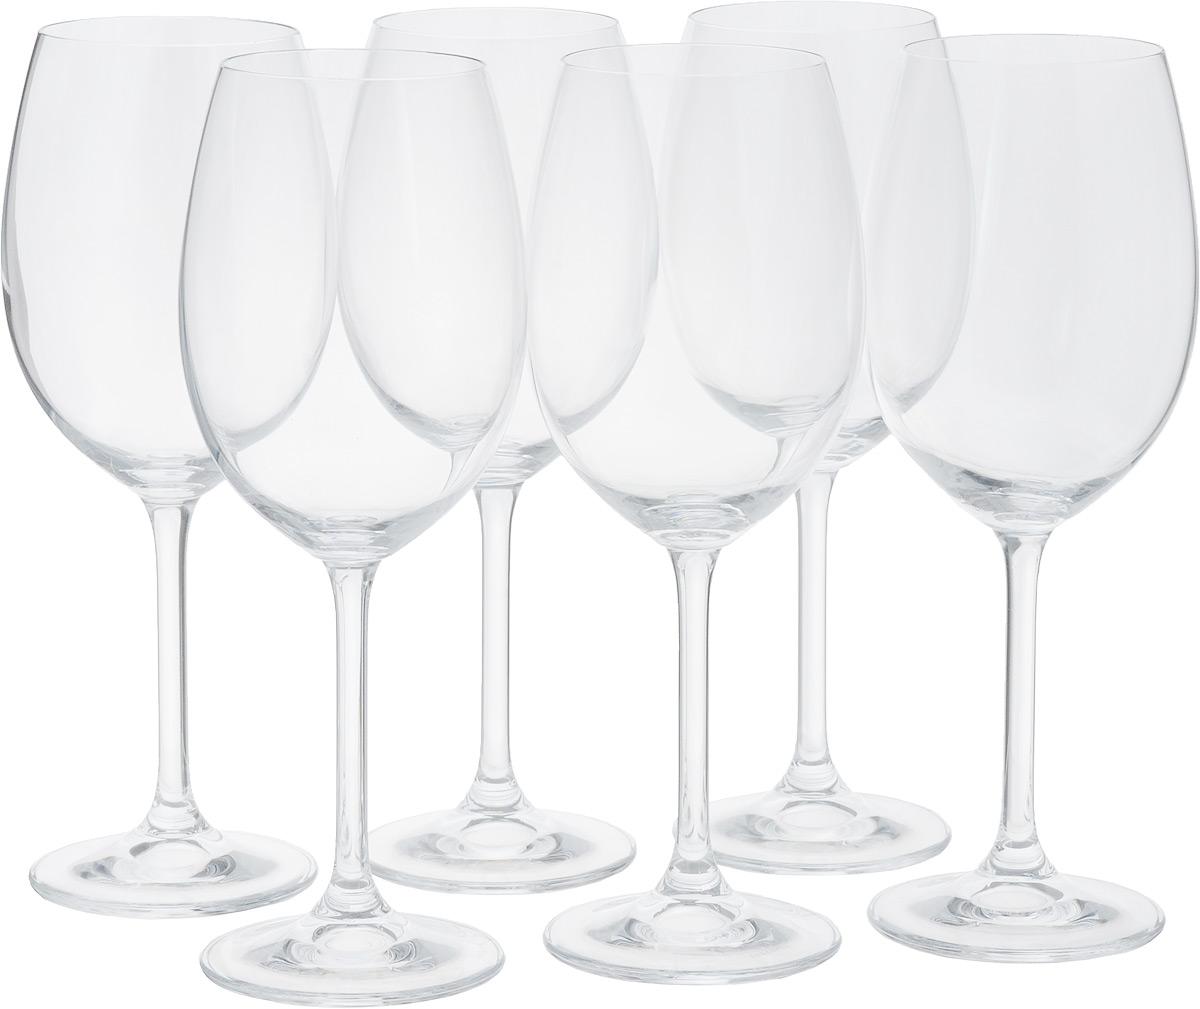 Набор бокалов для красного вина Tescoma Charlie, 450мл, 6штVT-1520(SR)Набор Tescoma Charlie состоит из 6 бокалов, выполненных из прочногонатрий-кальций-силикатного стекла. Изделия оснащенывысокими ножками и предназначены для подачи красного вина. Онисочетают в себе элегантный дизайн и функциональность.Набор бокалов Tescoma Charlie прекрасно оформит праздничный стол и создастприятную атмосферу за романтическим ужином. Такой набор также станетхорошим подарком к любому случаю. Можно мыть в посудомоечной машине. Высота бокала: 22,5 см. Диаметр бокала (по верхнему краю): 6 см.